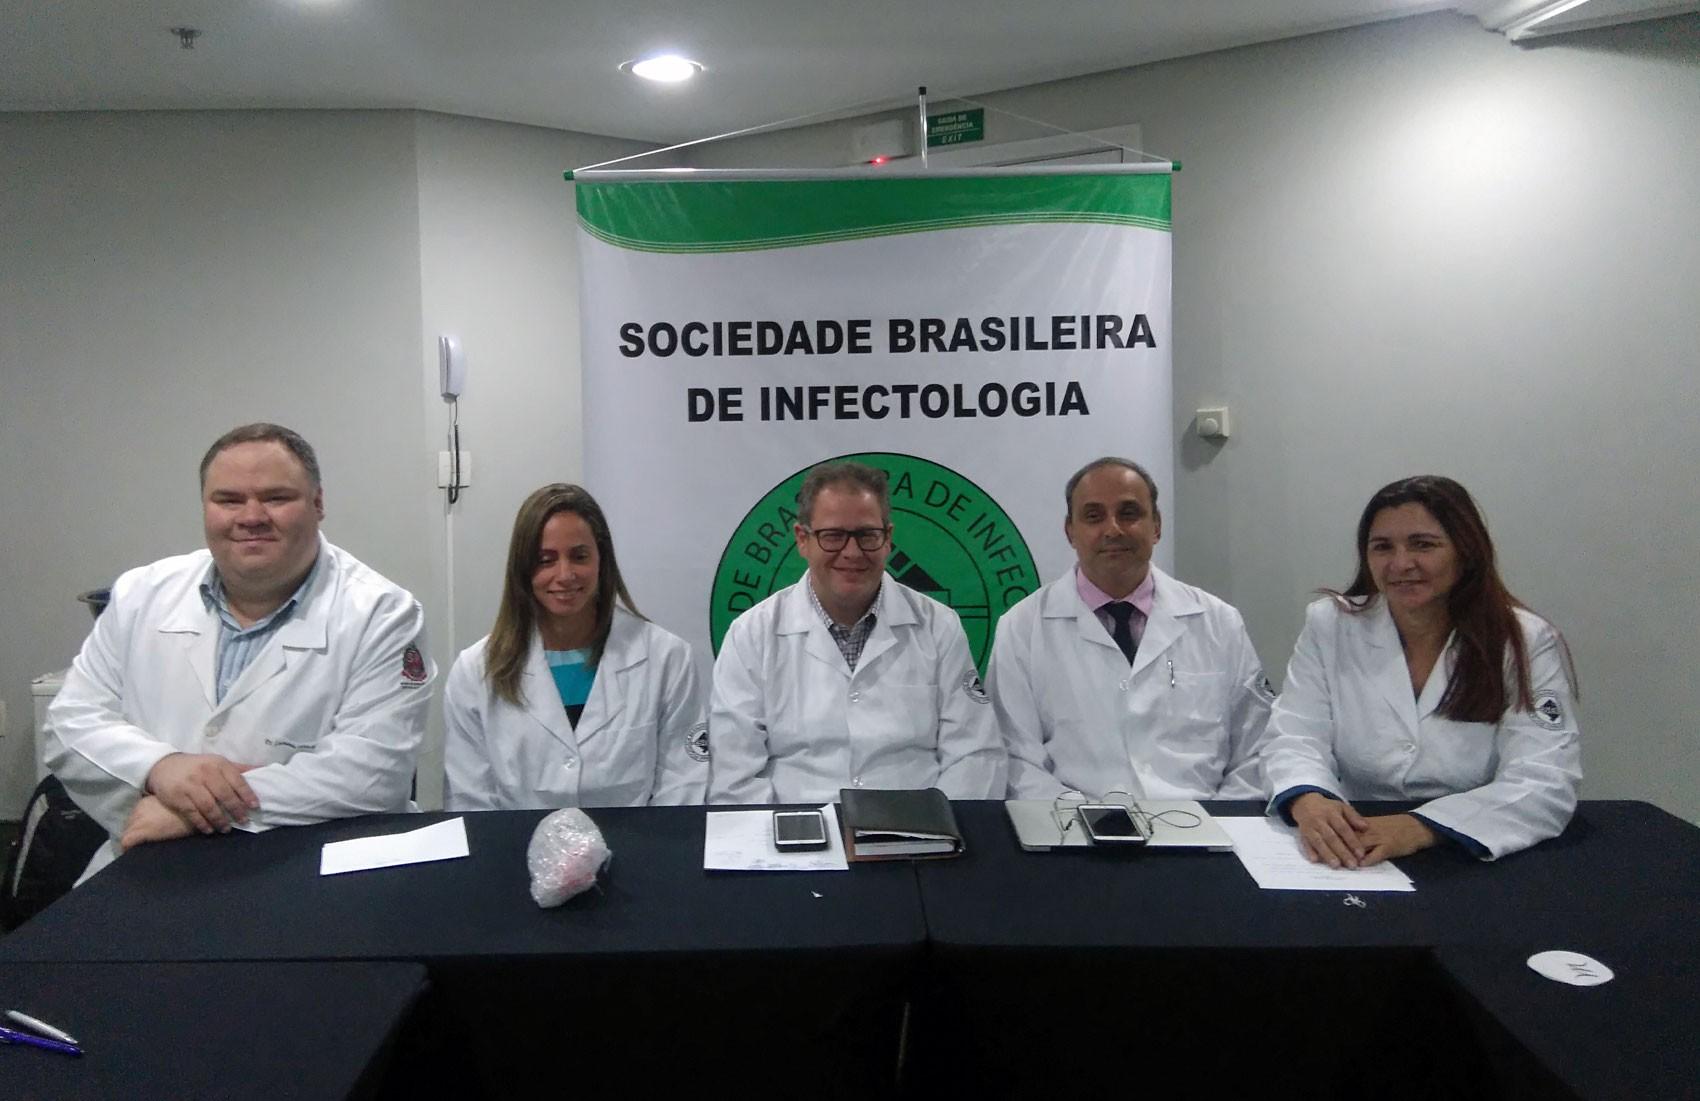 Reunião da Sociedade Brasileira de Infectologia em São Paulo (Foto: Carolina Dantas/G1)